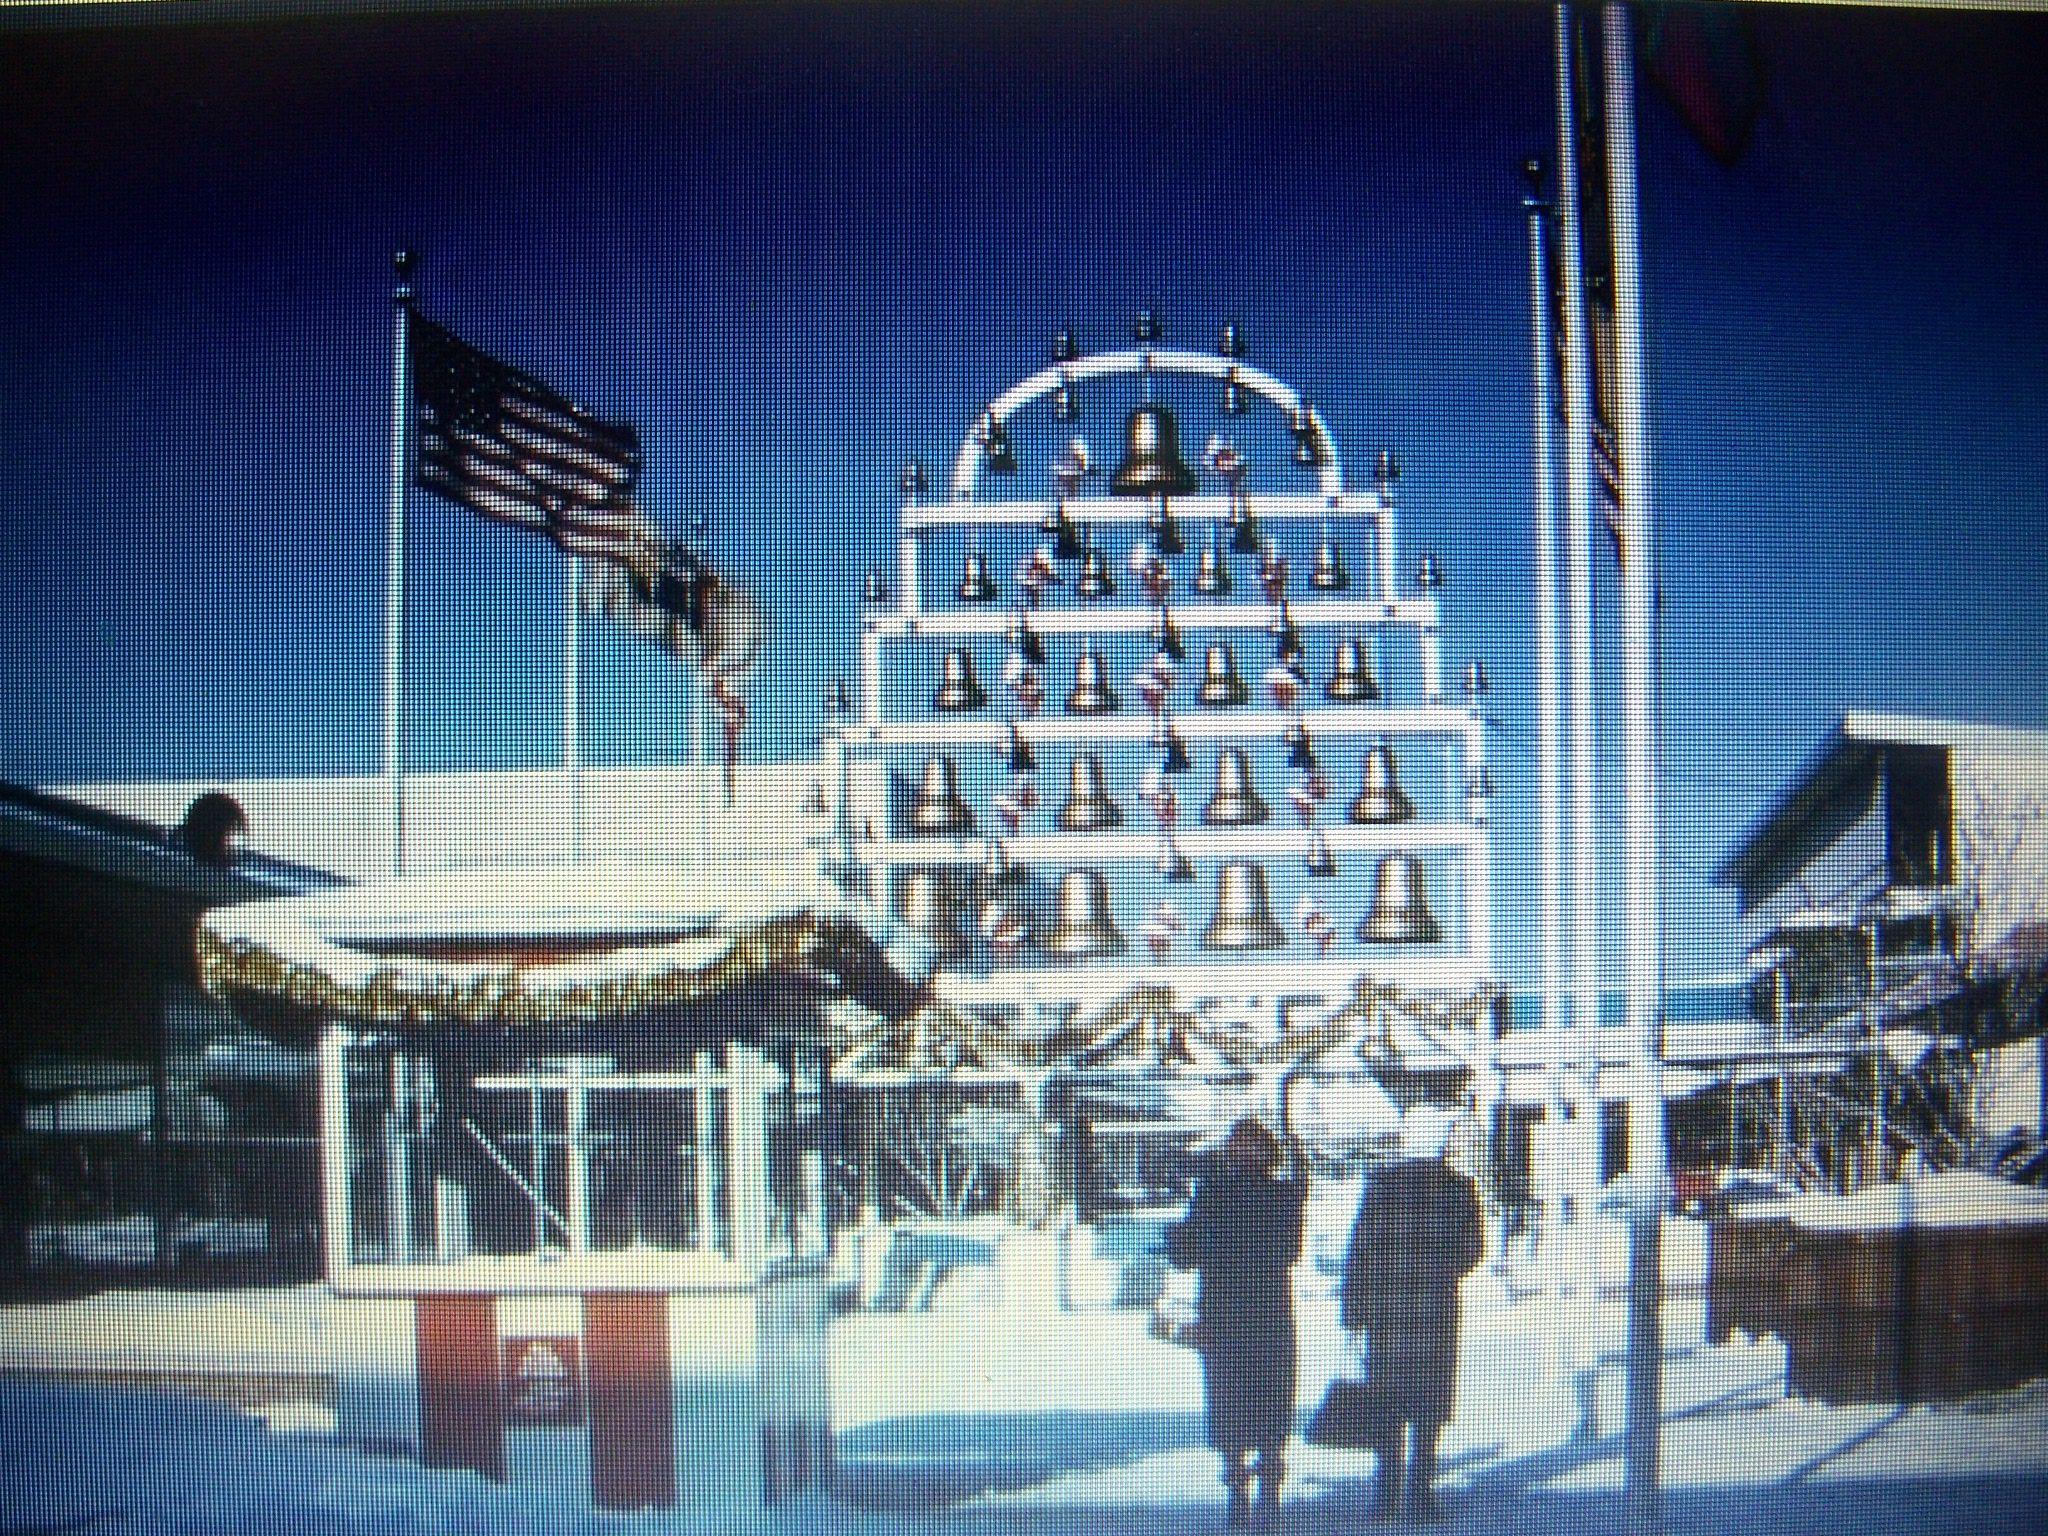 Roses In Garden: Paramus, NJ On Pinterest! The Chiming Bells At Christmas